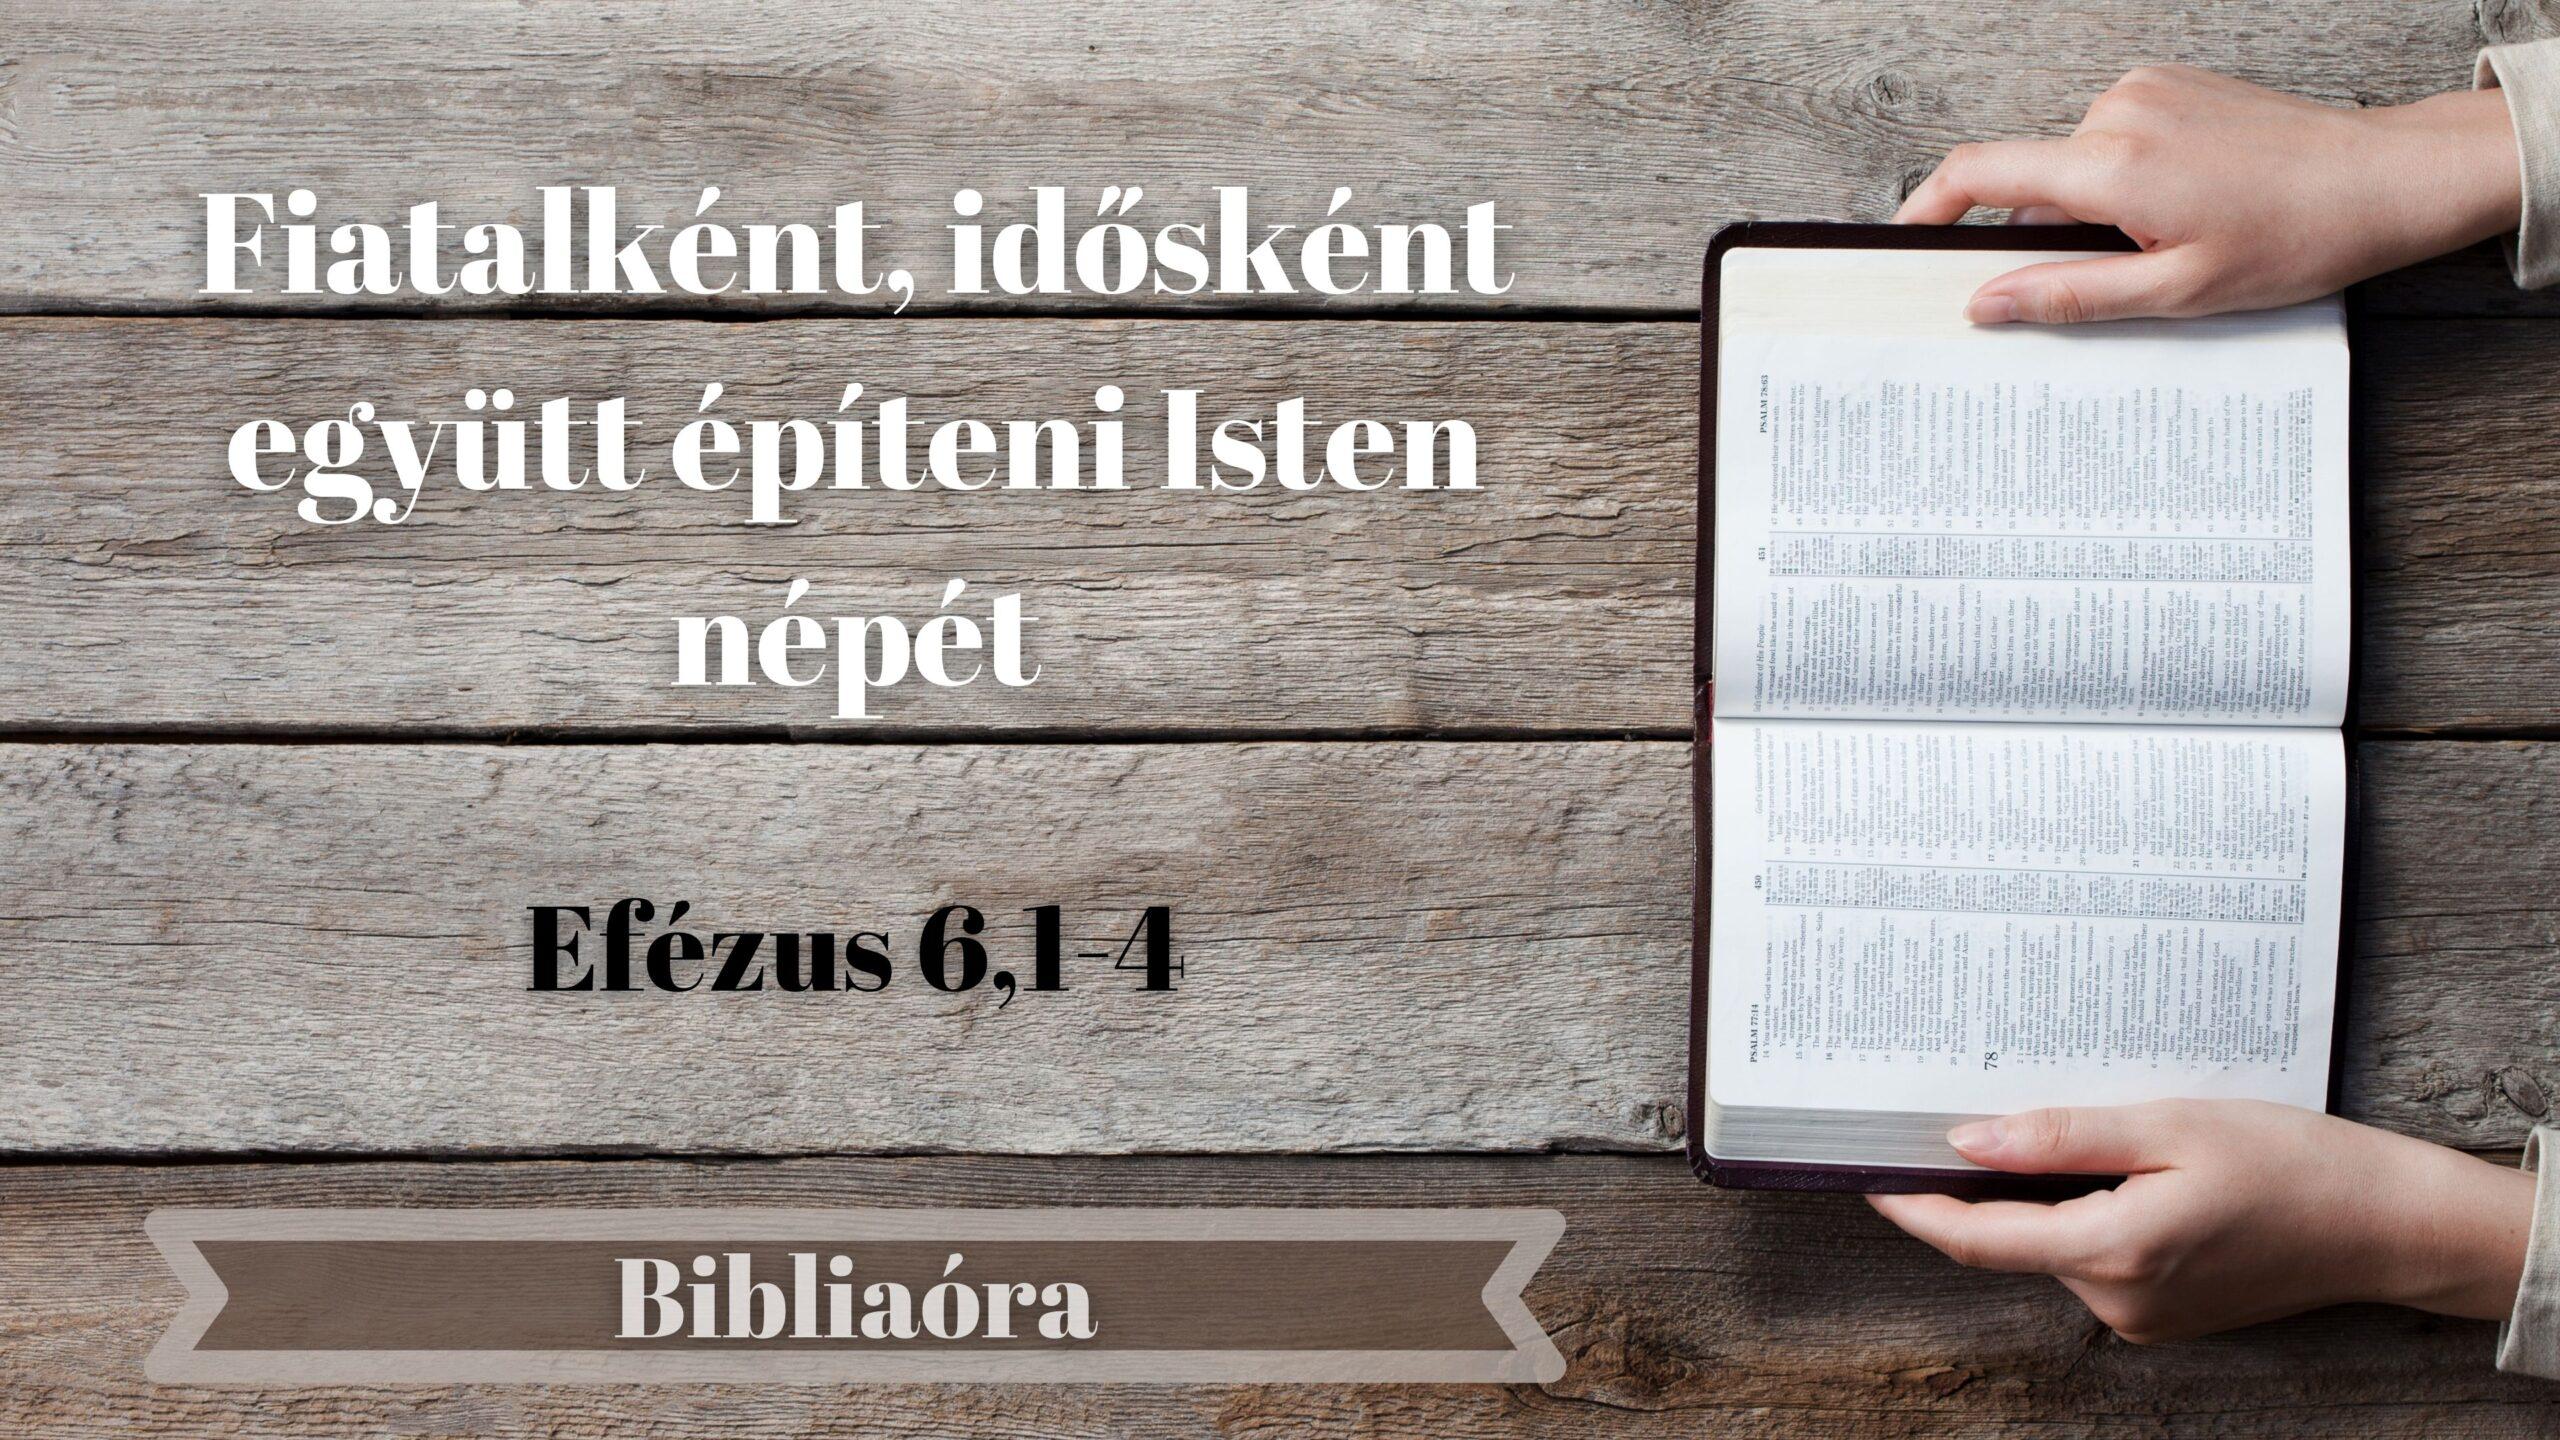 Bibliaóra: Fiatalként, idősként együtt építeni Isten népét